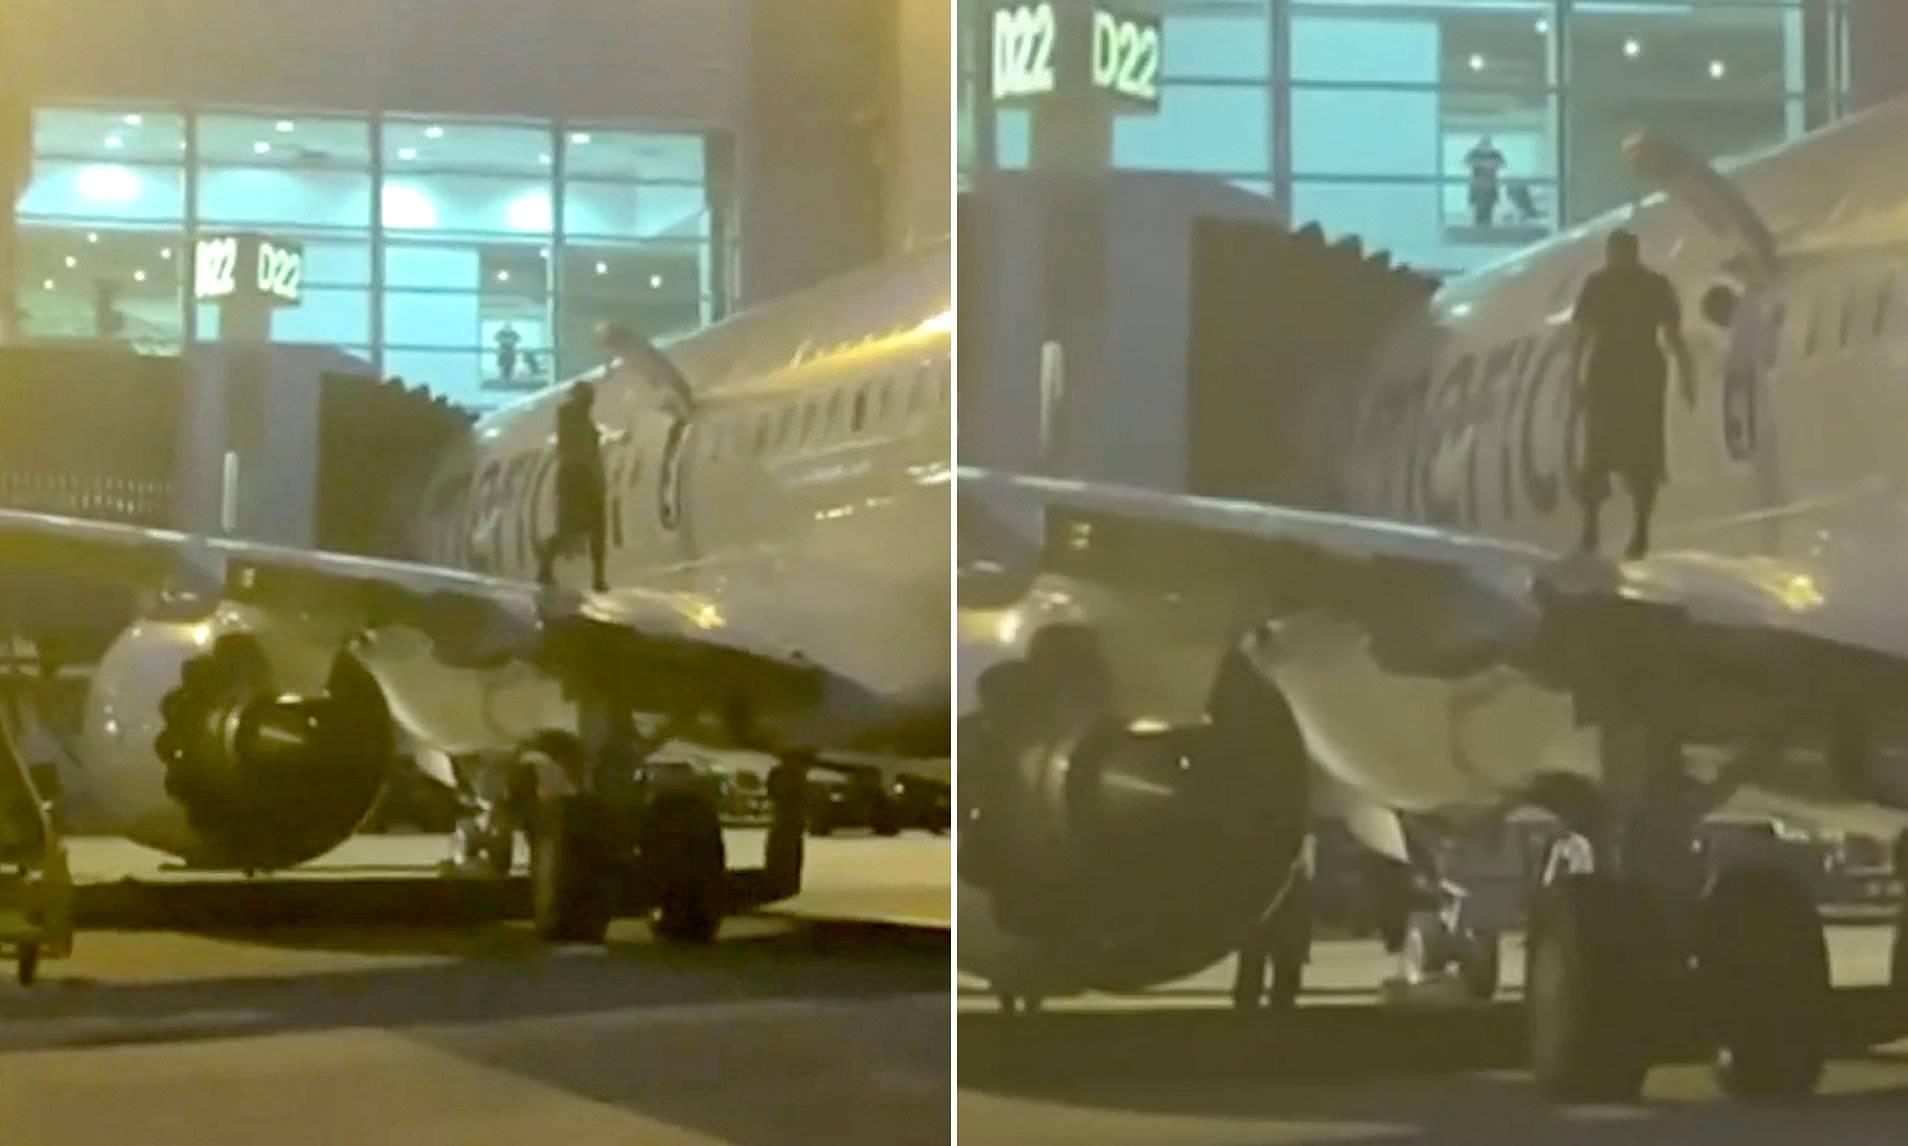 Hành khách ngỗ ngược tự mở cửa thoát hiểm đi lại trên cánh máy bay